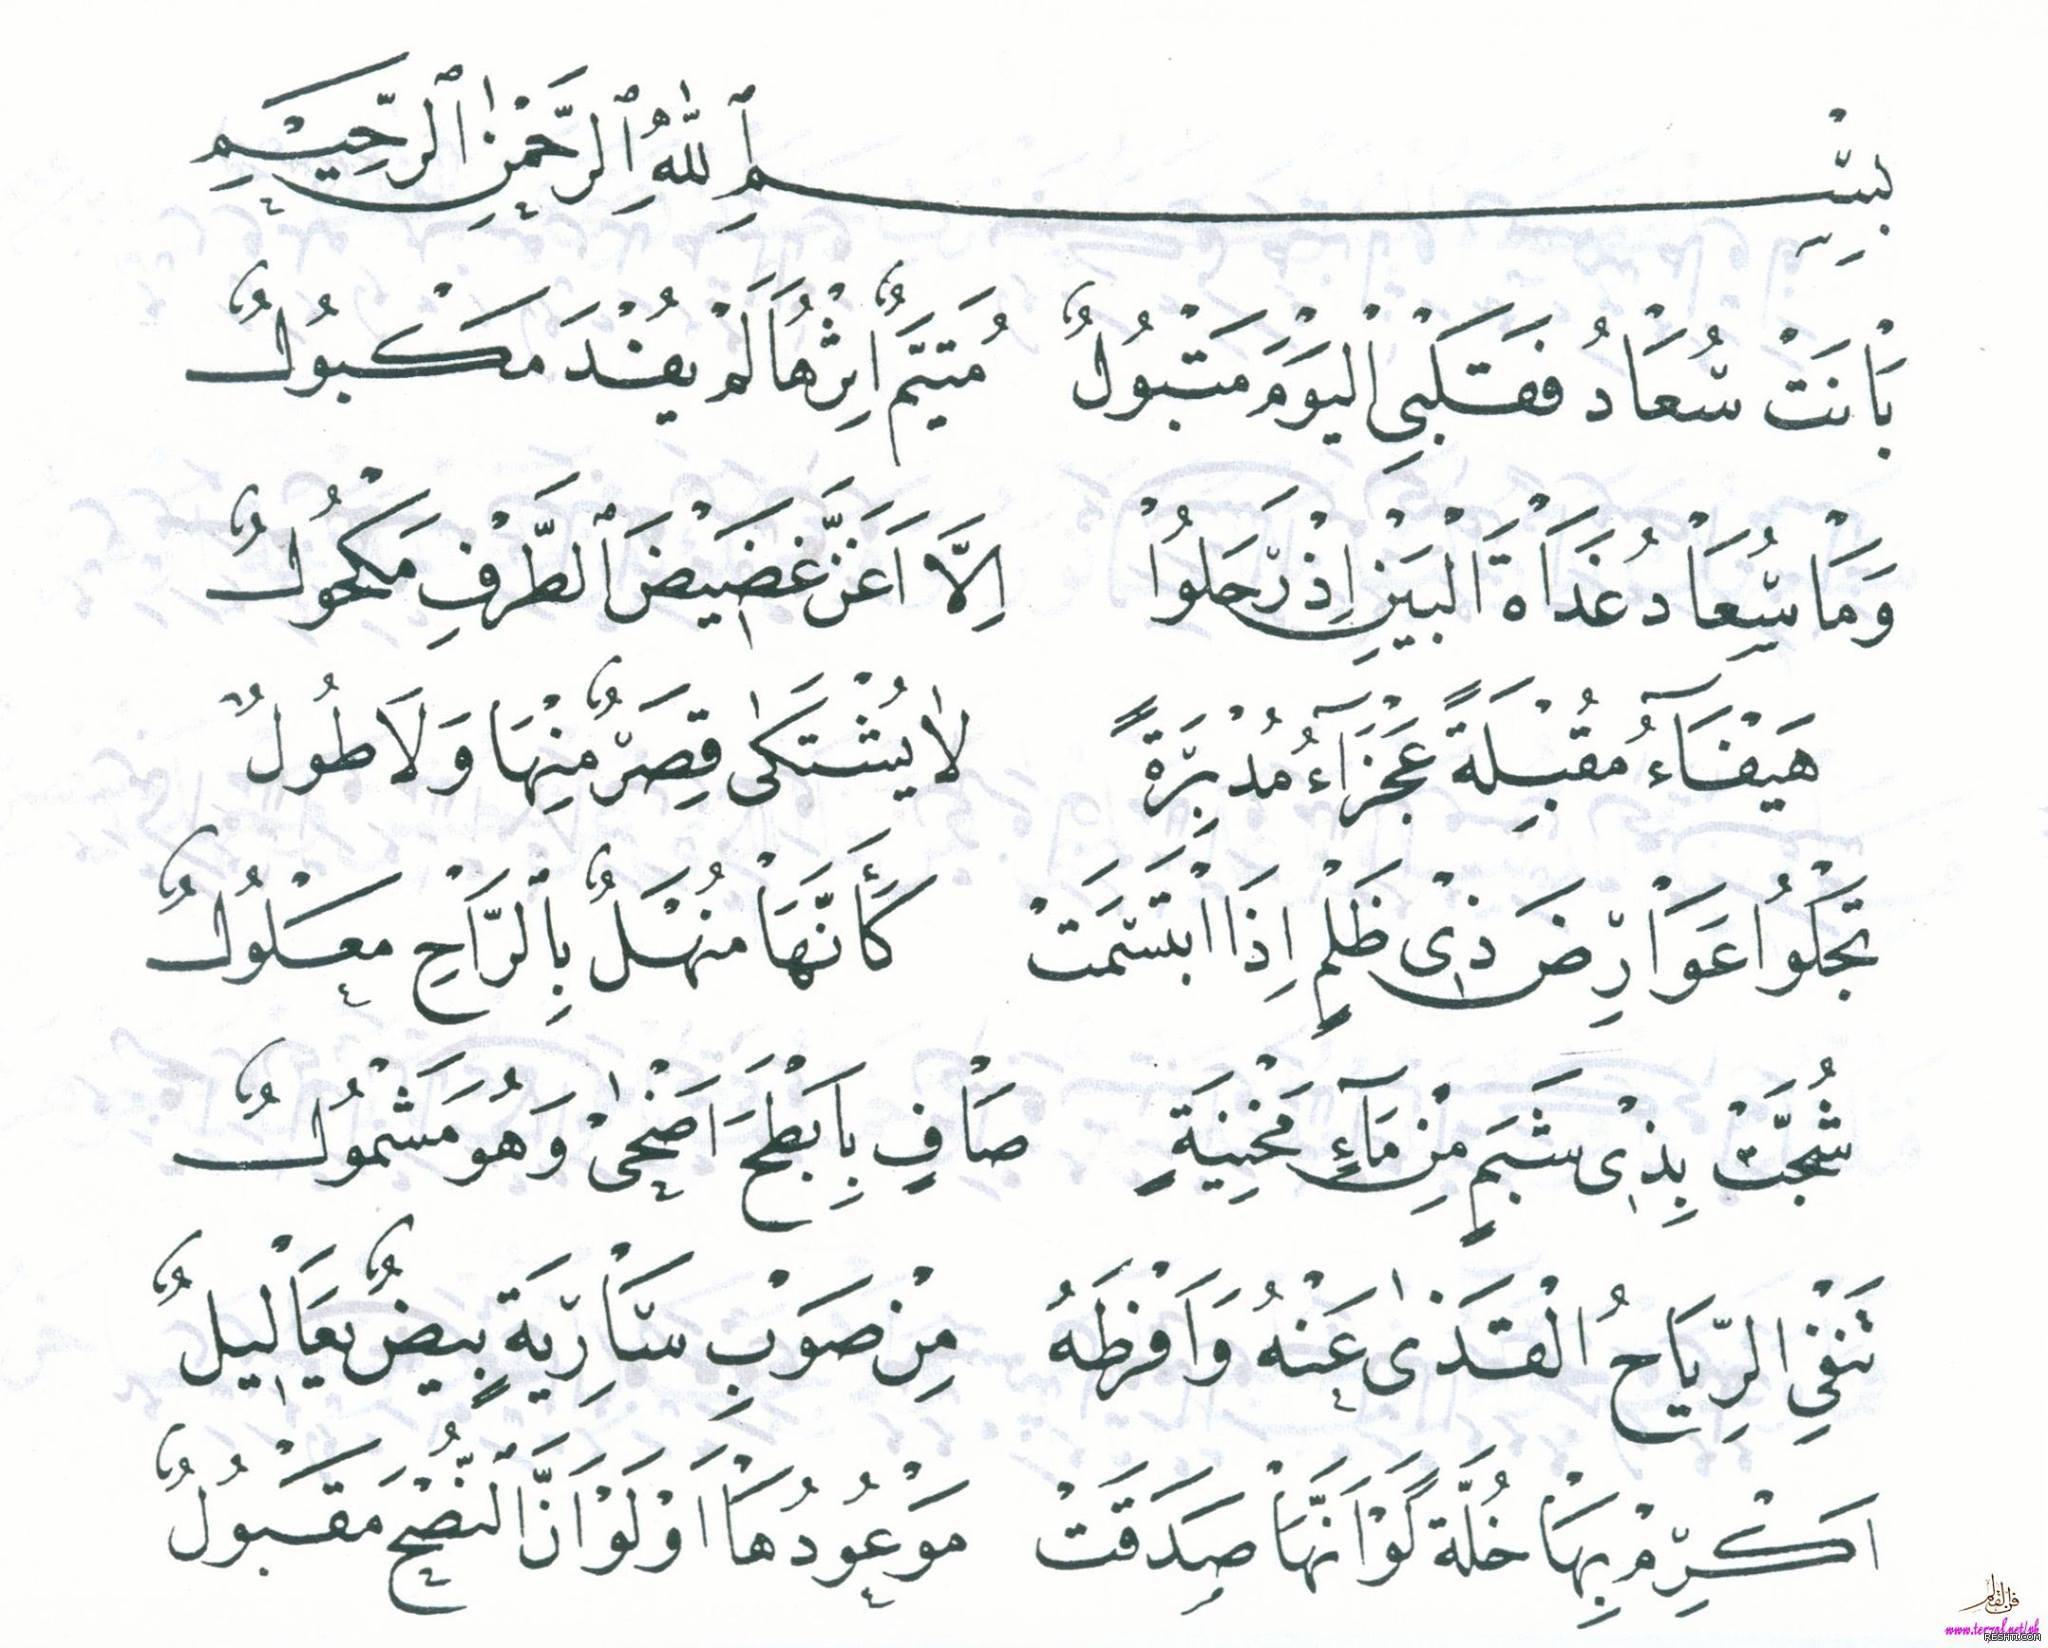 قصيدة بانت سعاد لكعب بن زهير رضي الله عنه بخط مصطفى حليم 2